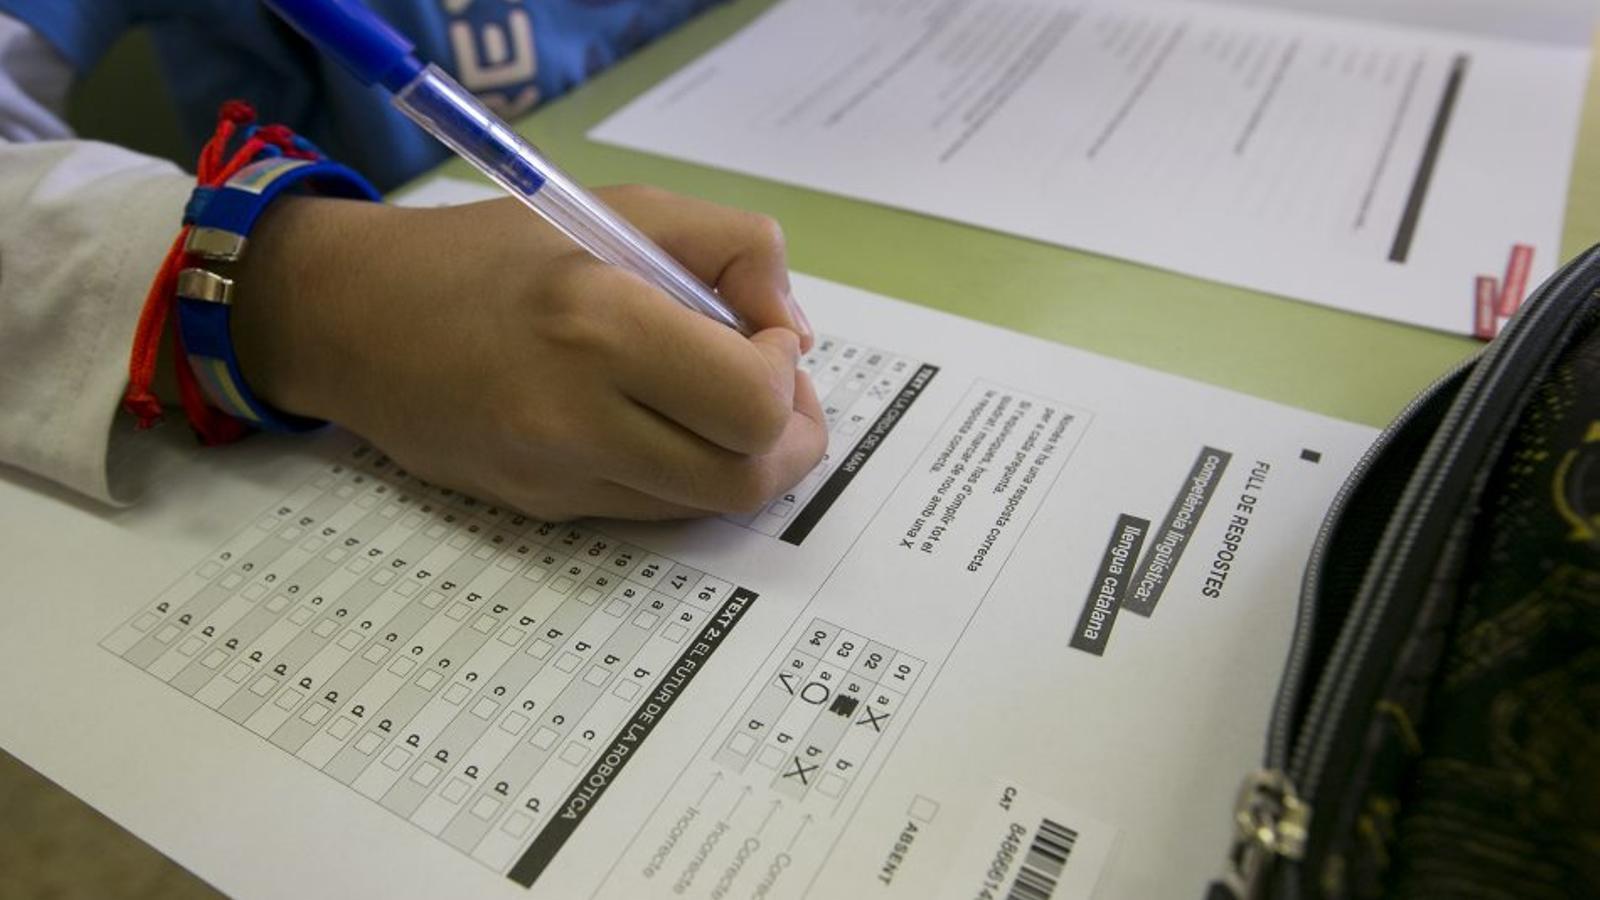 Un examen de català en una escola de Barcelona. Els professionals reclamen que l'atenció no se centri només en aspectes formals.